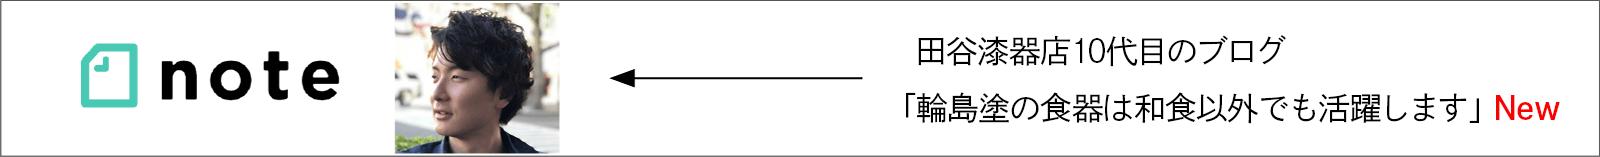 10代目ブログ更新5月11日「輪島塗の食器は和食以外でも活躍します」